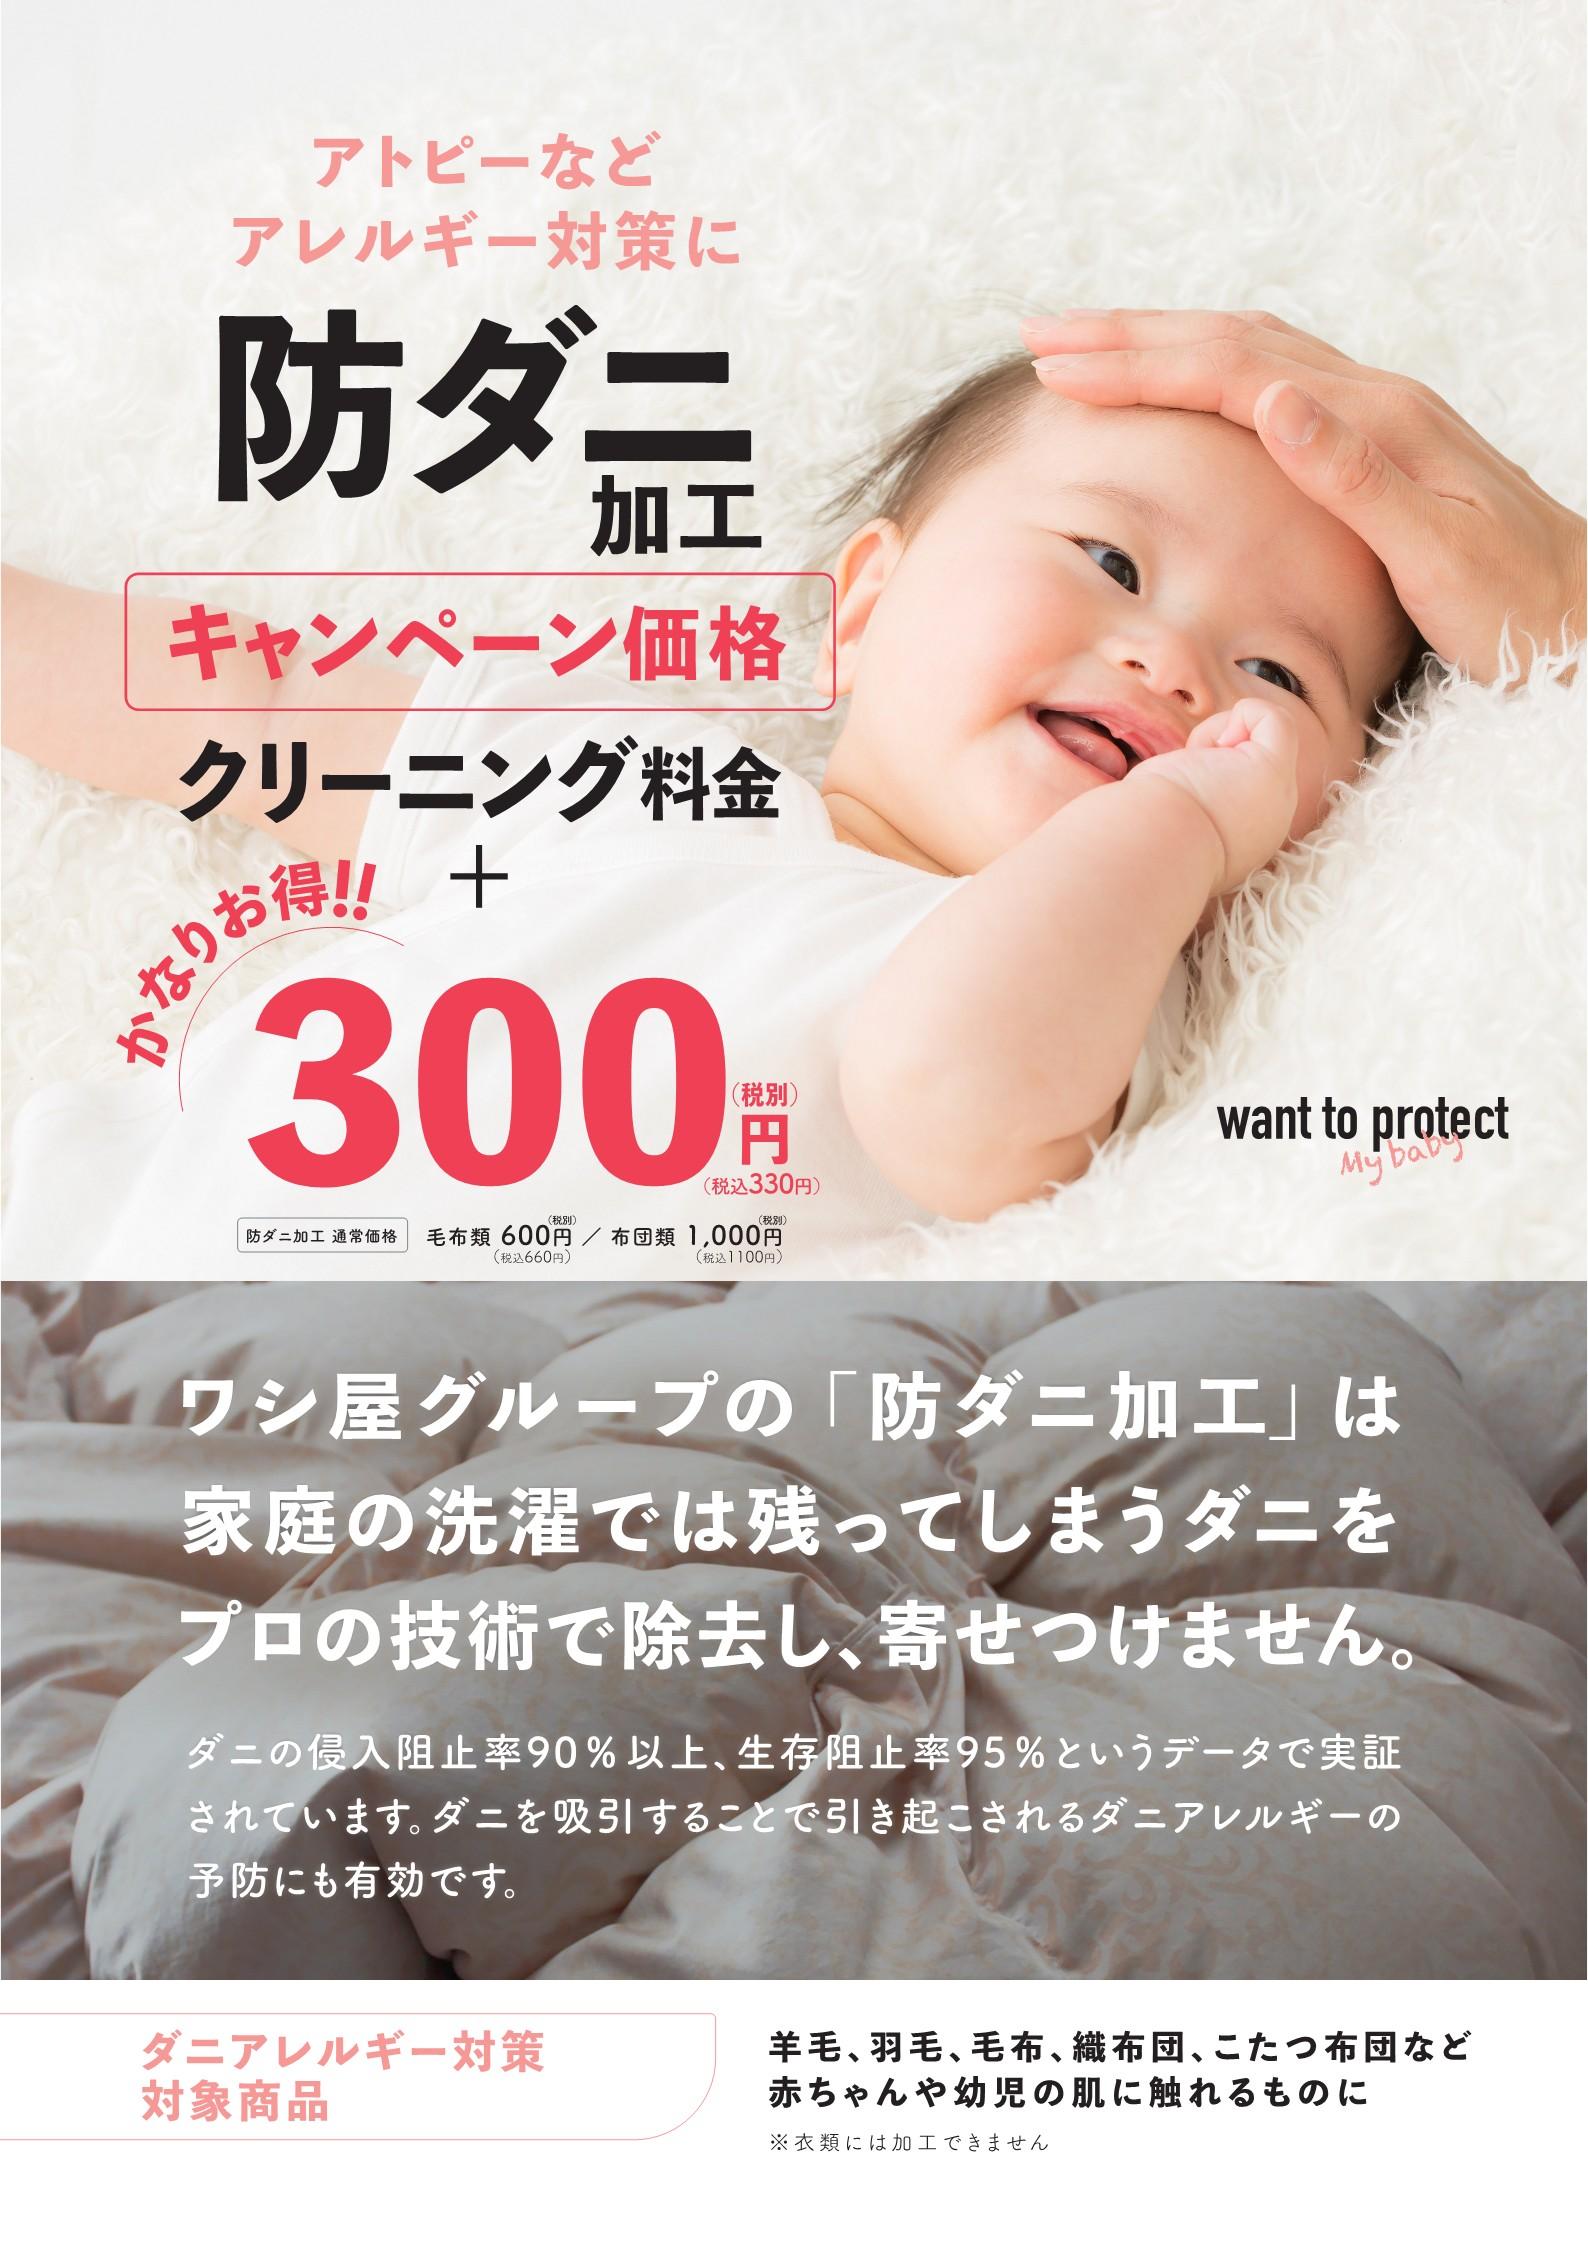 【会員様限定】防ダニ加工キャンペーン